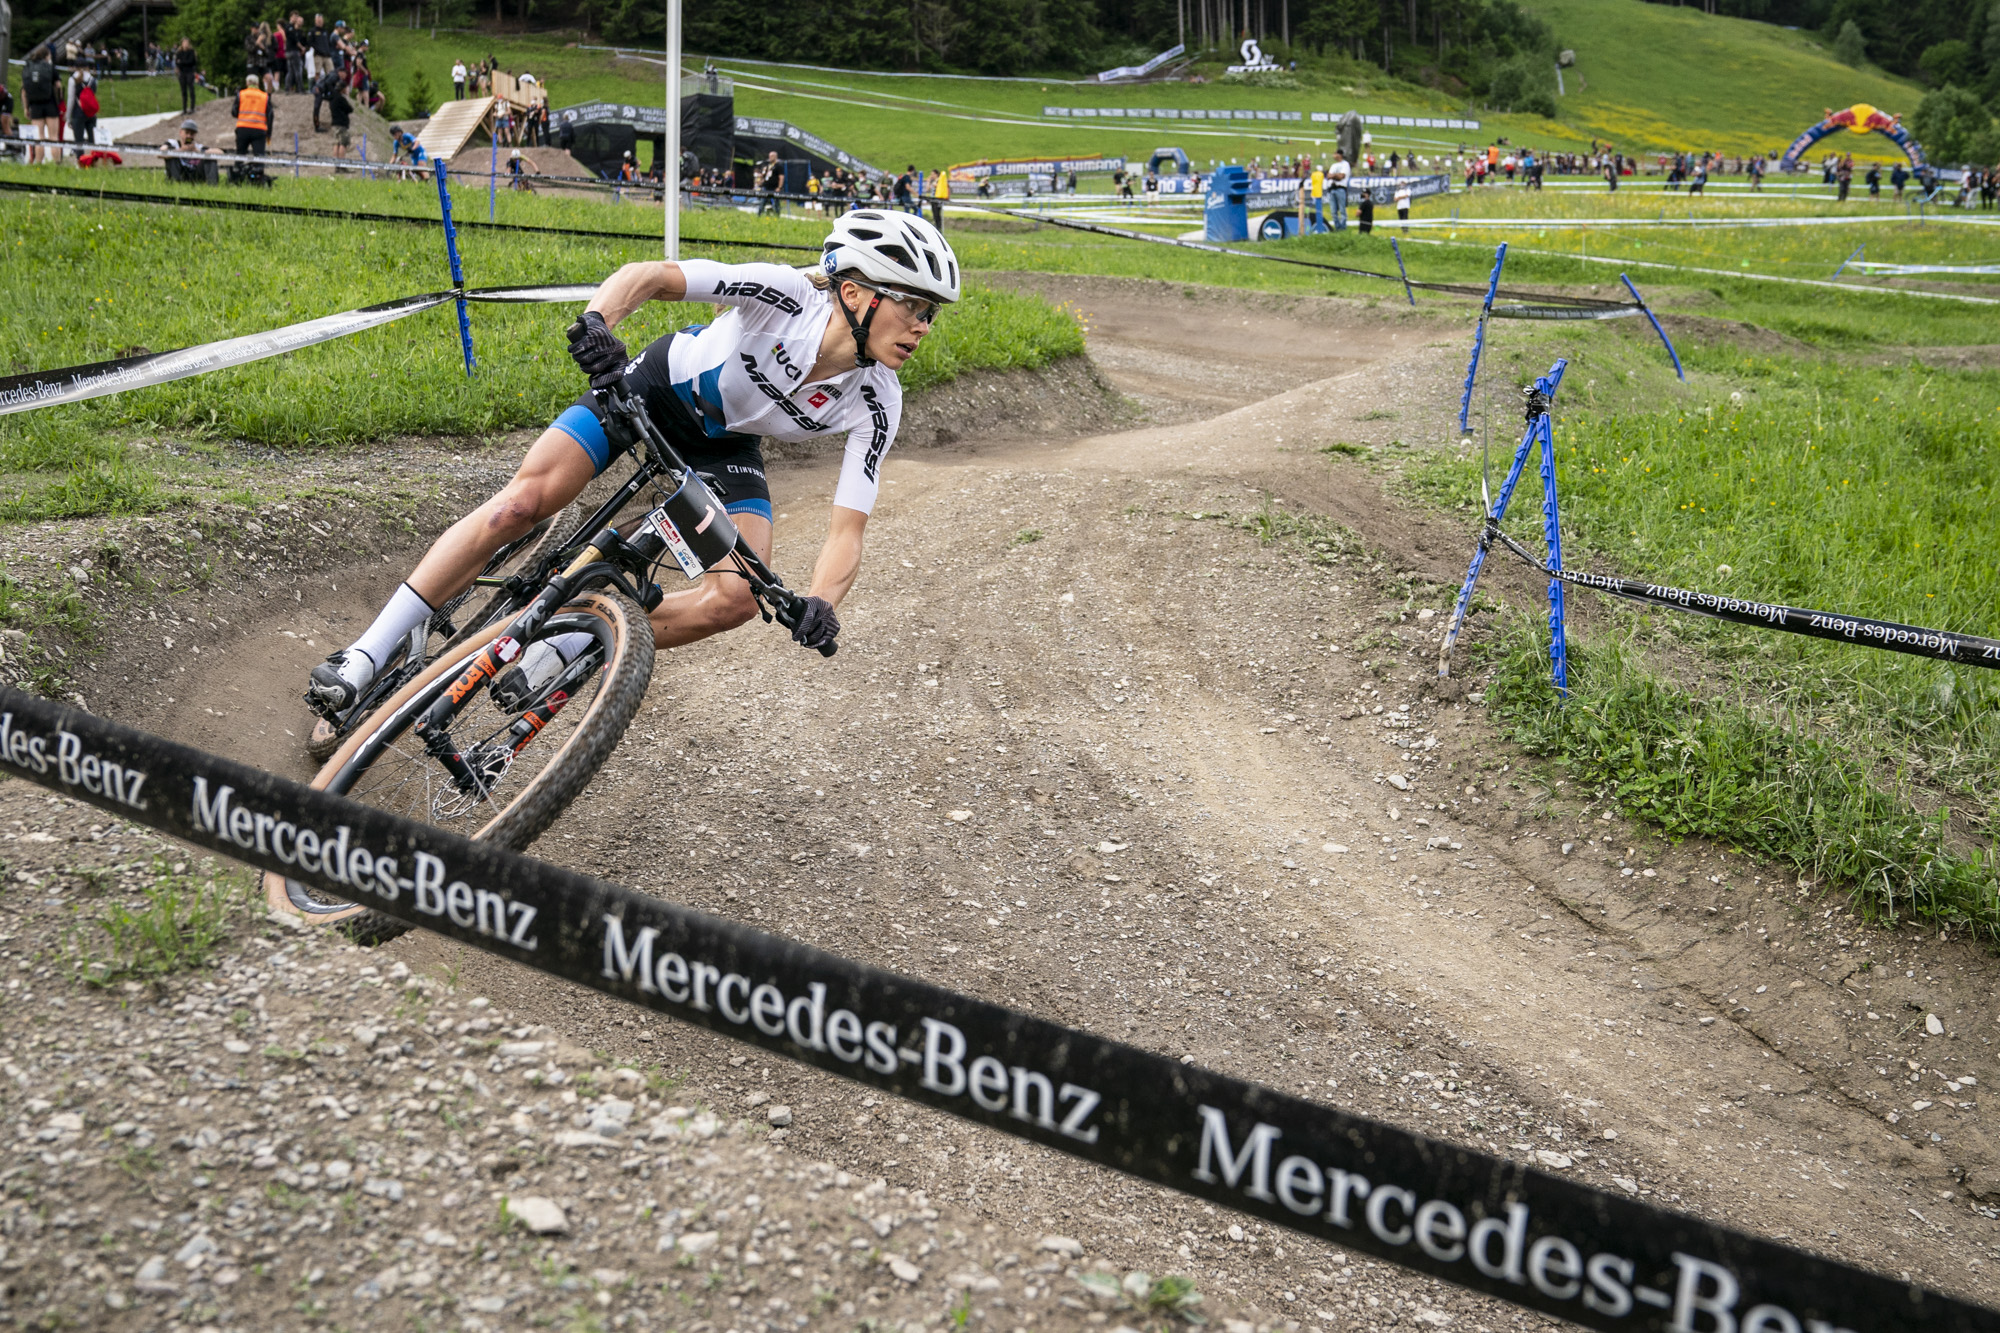 Mathias Flückiger en Loana Leconte winnen shorttrack in Leogang, Jens Schuermans achtste